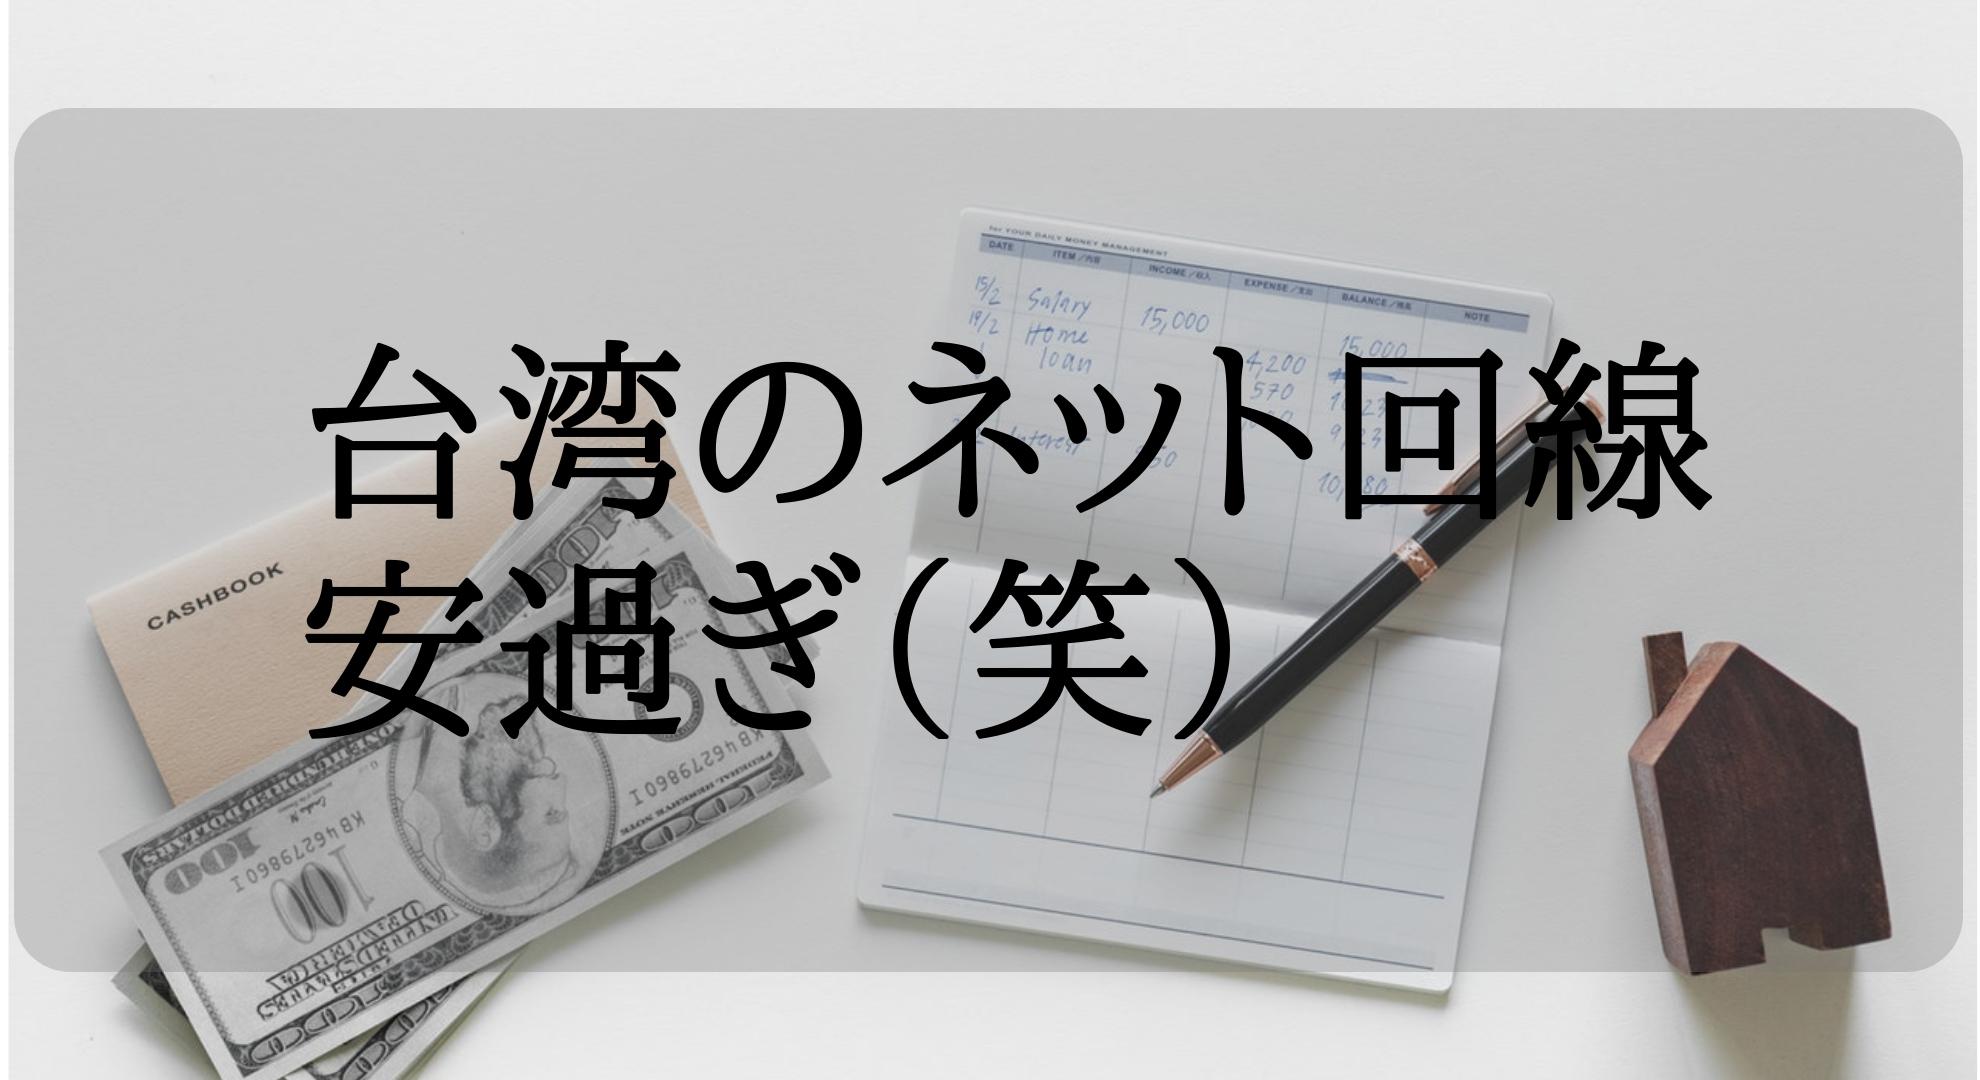 1ヶ月700円でネット使い放題の神プランがある台湾。台灣之星一年2256元(8120円)でネット使い放題プランを再契約したので紹介します。